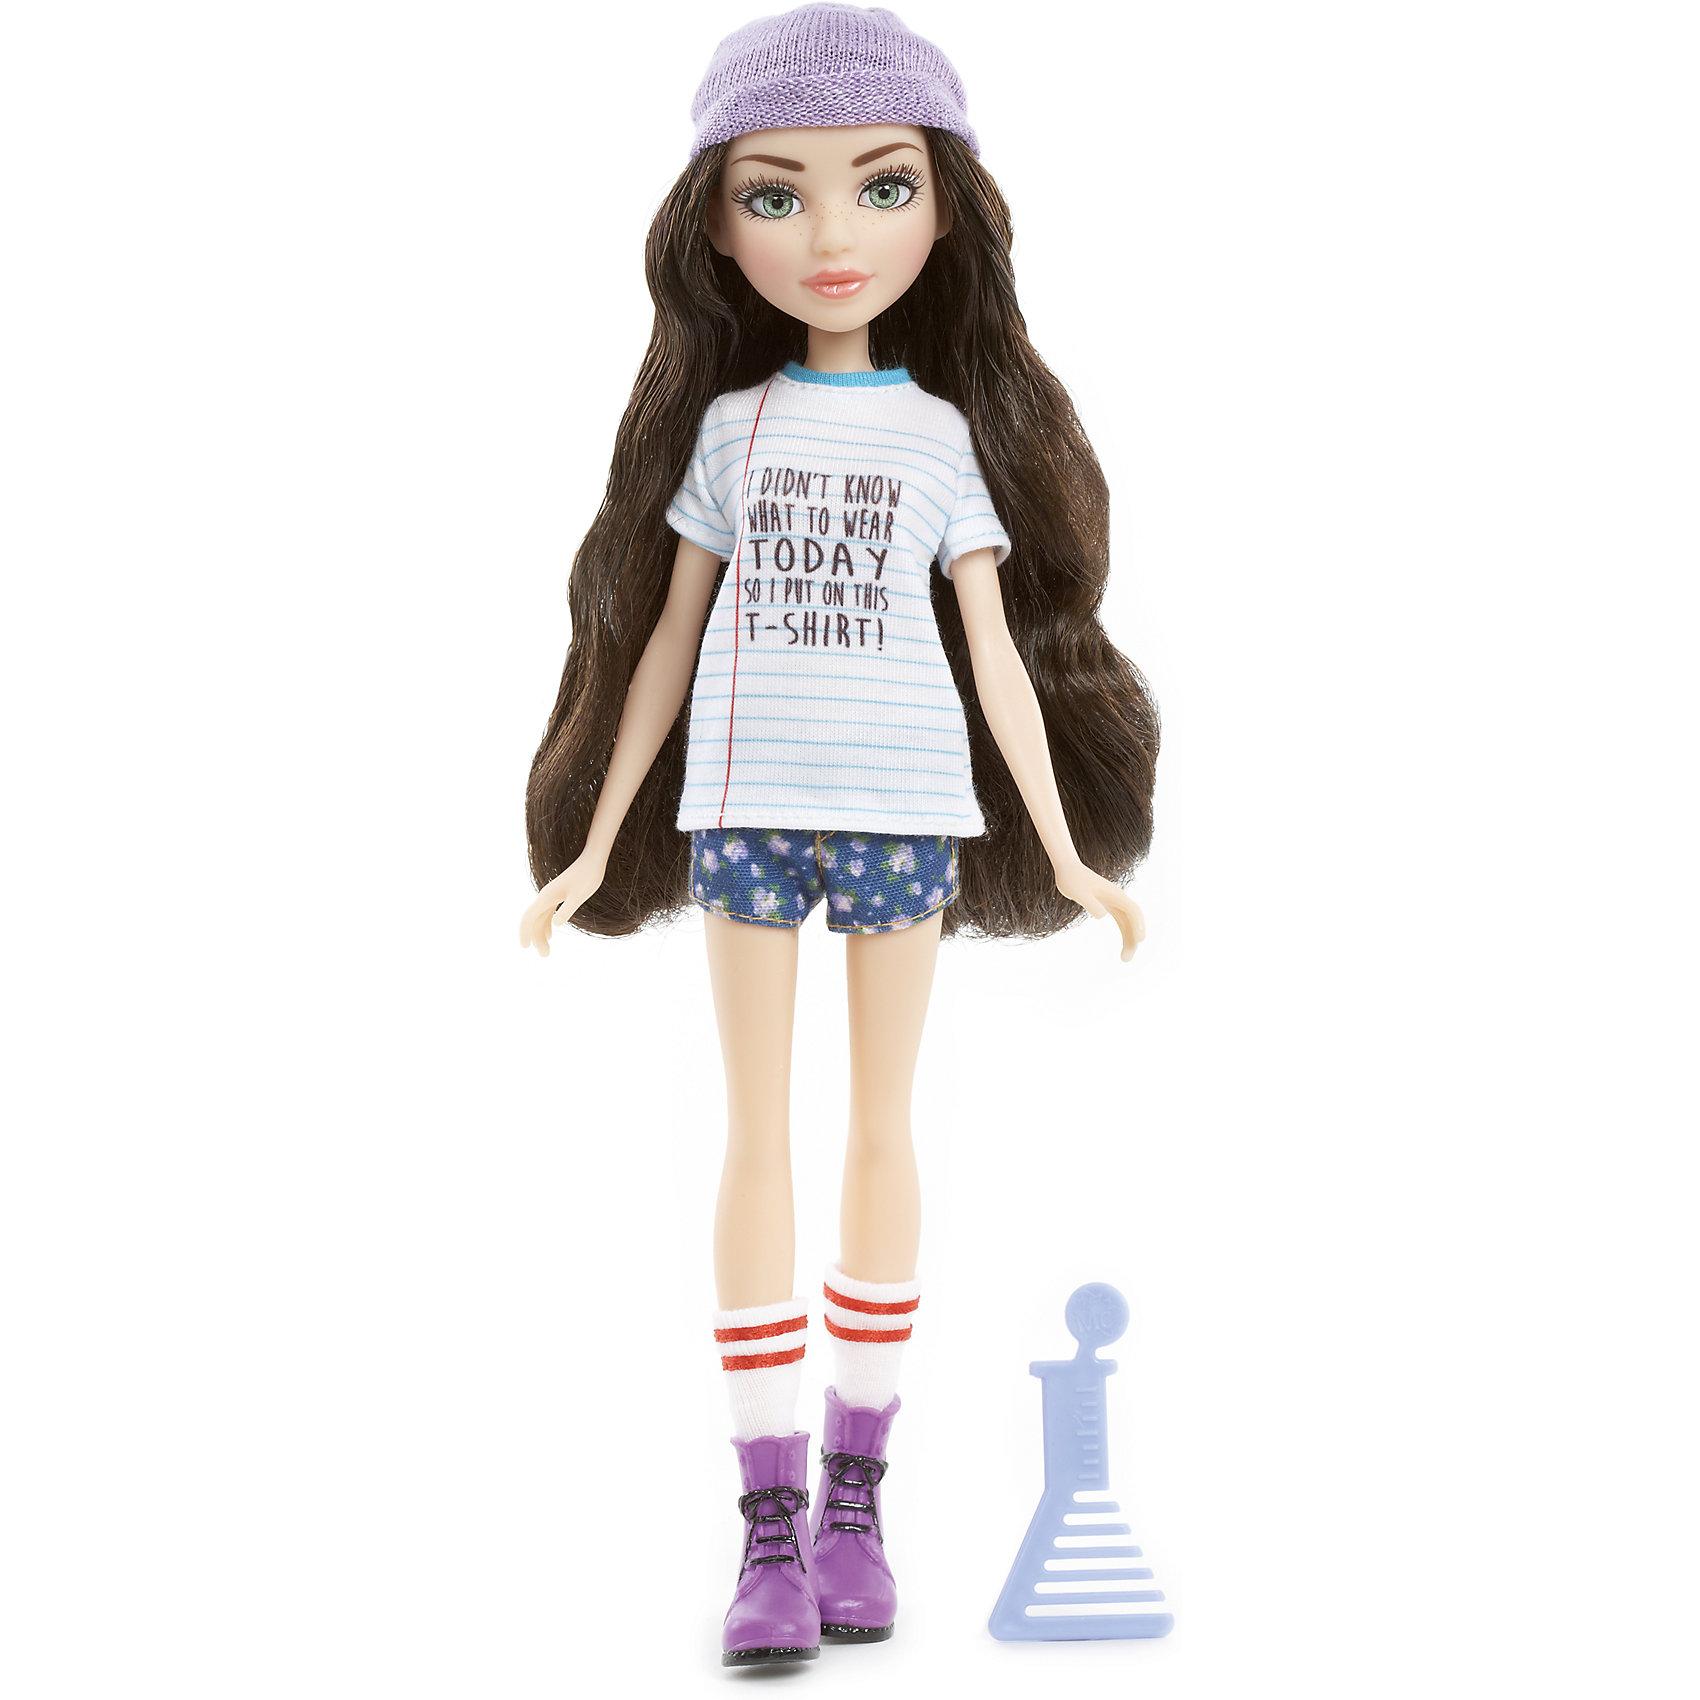 Базовая кукла МакКейла, Project MС2Бренды кукол<br>Базовая кукла МакКейла, Project MС2 (Проджект МСи2).<br><br>Характеристики:<br><br>Размер куклы - 30 см.<br>Вес: 0,2 кг.<br>В комплекте: кукла, расческа.<br>Материал: пластик, текстиль.<br>Подвижные суставы: бедра, плечи, шея.<br><br>Кукла МакКейла – это героиня популярного сериала «Project MС2»,девизом которого является «Быть умной – модно!». Куколка  одета в стильный повседневный наряд . Игрушка, как и ее прототип, предпочитает выбирать достаточно простые вещи для своего гардероба: на ней полосатая футболка с надписью и короткие шортики. Законченный вид образу придают белые гетры, ботиночки и шапочка фиолетового цвета. Длинные реснички, очень «живые» глазки и выразительные черты лица – придают кукле реалистичный вид. Роскошные, вьющиеся темные  волосы ваша девочка сможет .расчесывать и укладывать в затейливые прически. Такая куколка станет желанным подарком для вашей девочки!<br><br>Базовую куклу МакКейла, Project MС2, можно купить в нашем интернет – магазине.<br><br>Ширина мм: 180<br>Глубина мм: 330<br>Высота мм: 70<br>Вес г: 355<br>Возраст от месяцев: 72<br>Возраст до месяцев: 2147483647<br>Пол: Женский<br>Возраст: Детский<br>SKU: 5163445